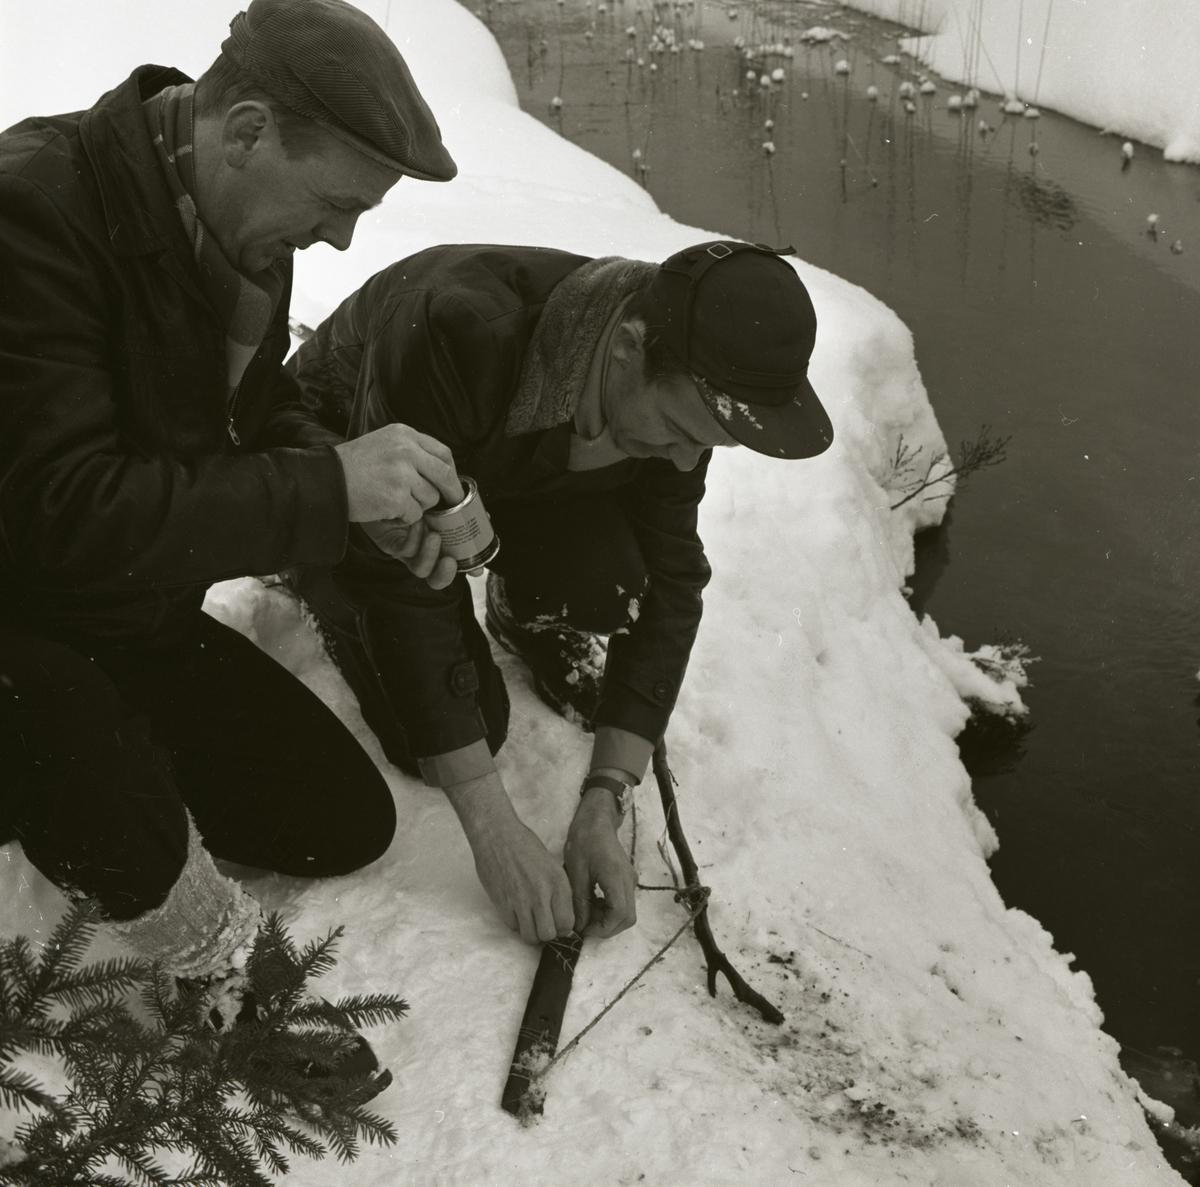 Två män sitter på huk intill ett vattendrag, 1962.